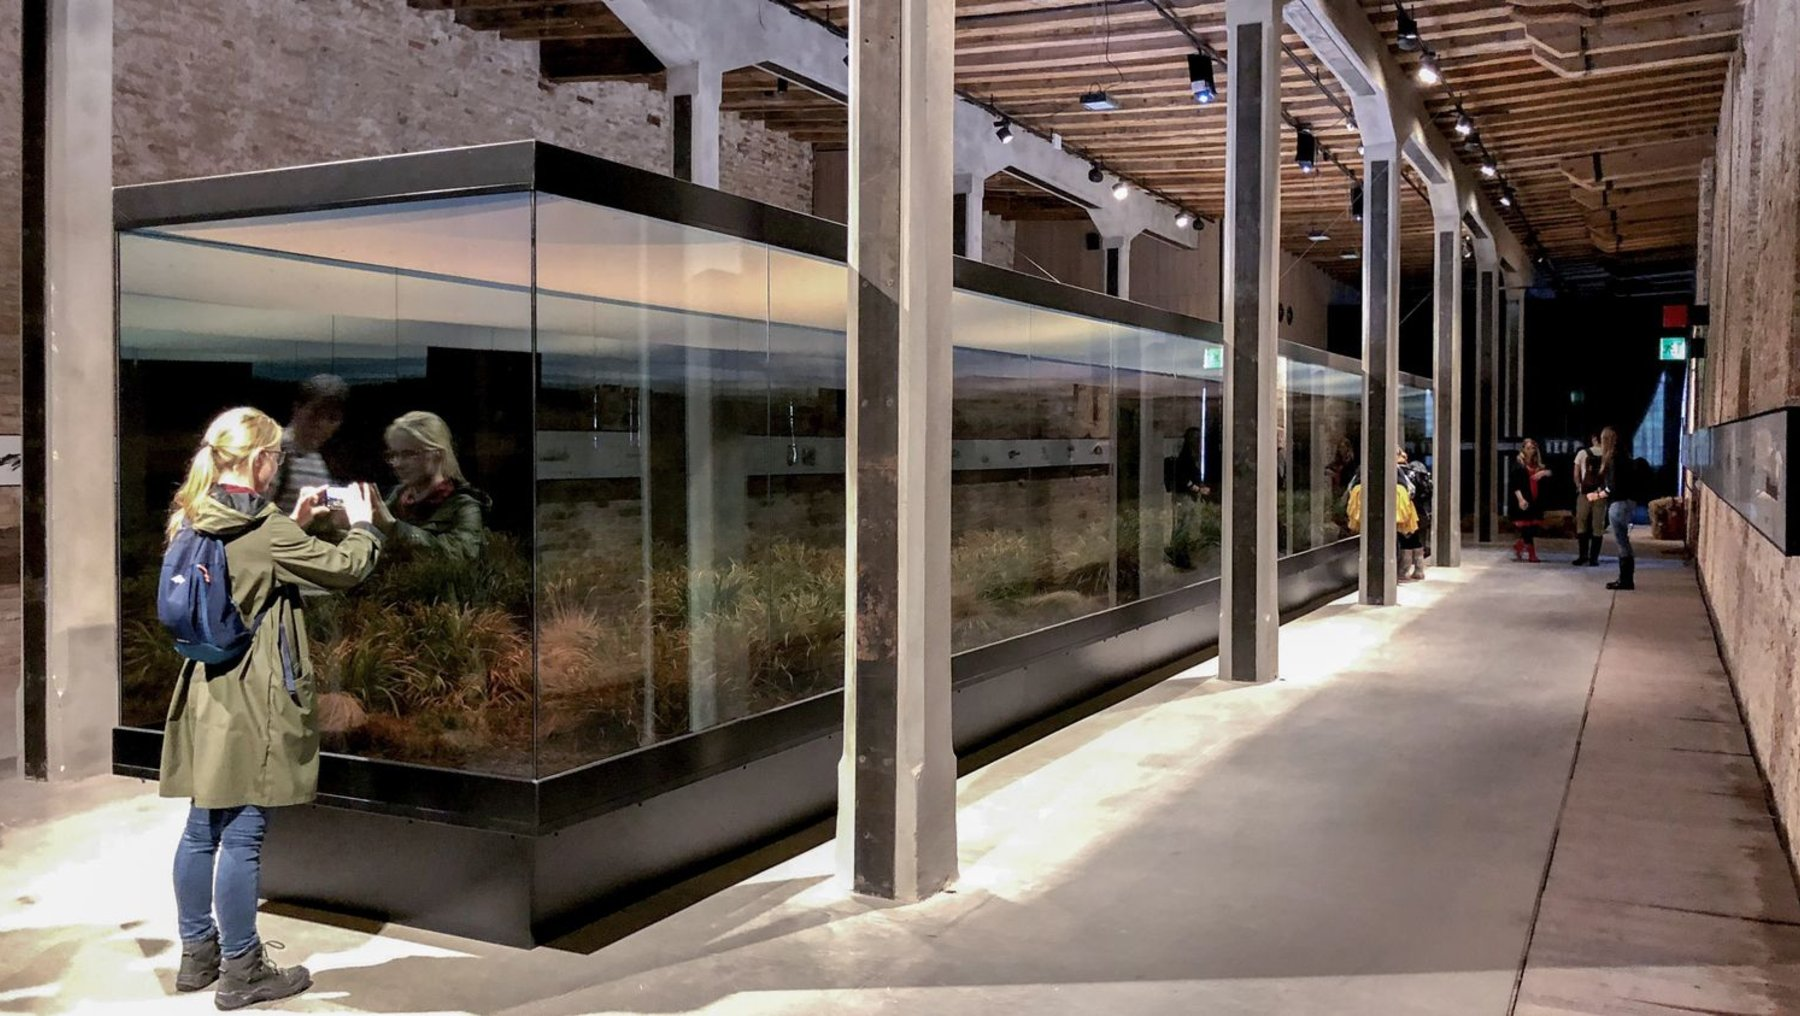 der argentinische Beitrag - ein Terrarium, das mittels optischer Illusion die Weiten einer Steppenlandschaft zitiert